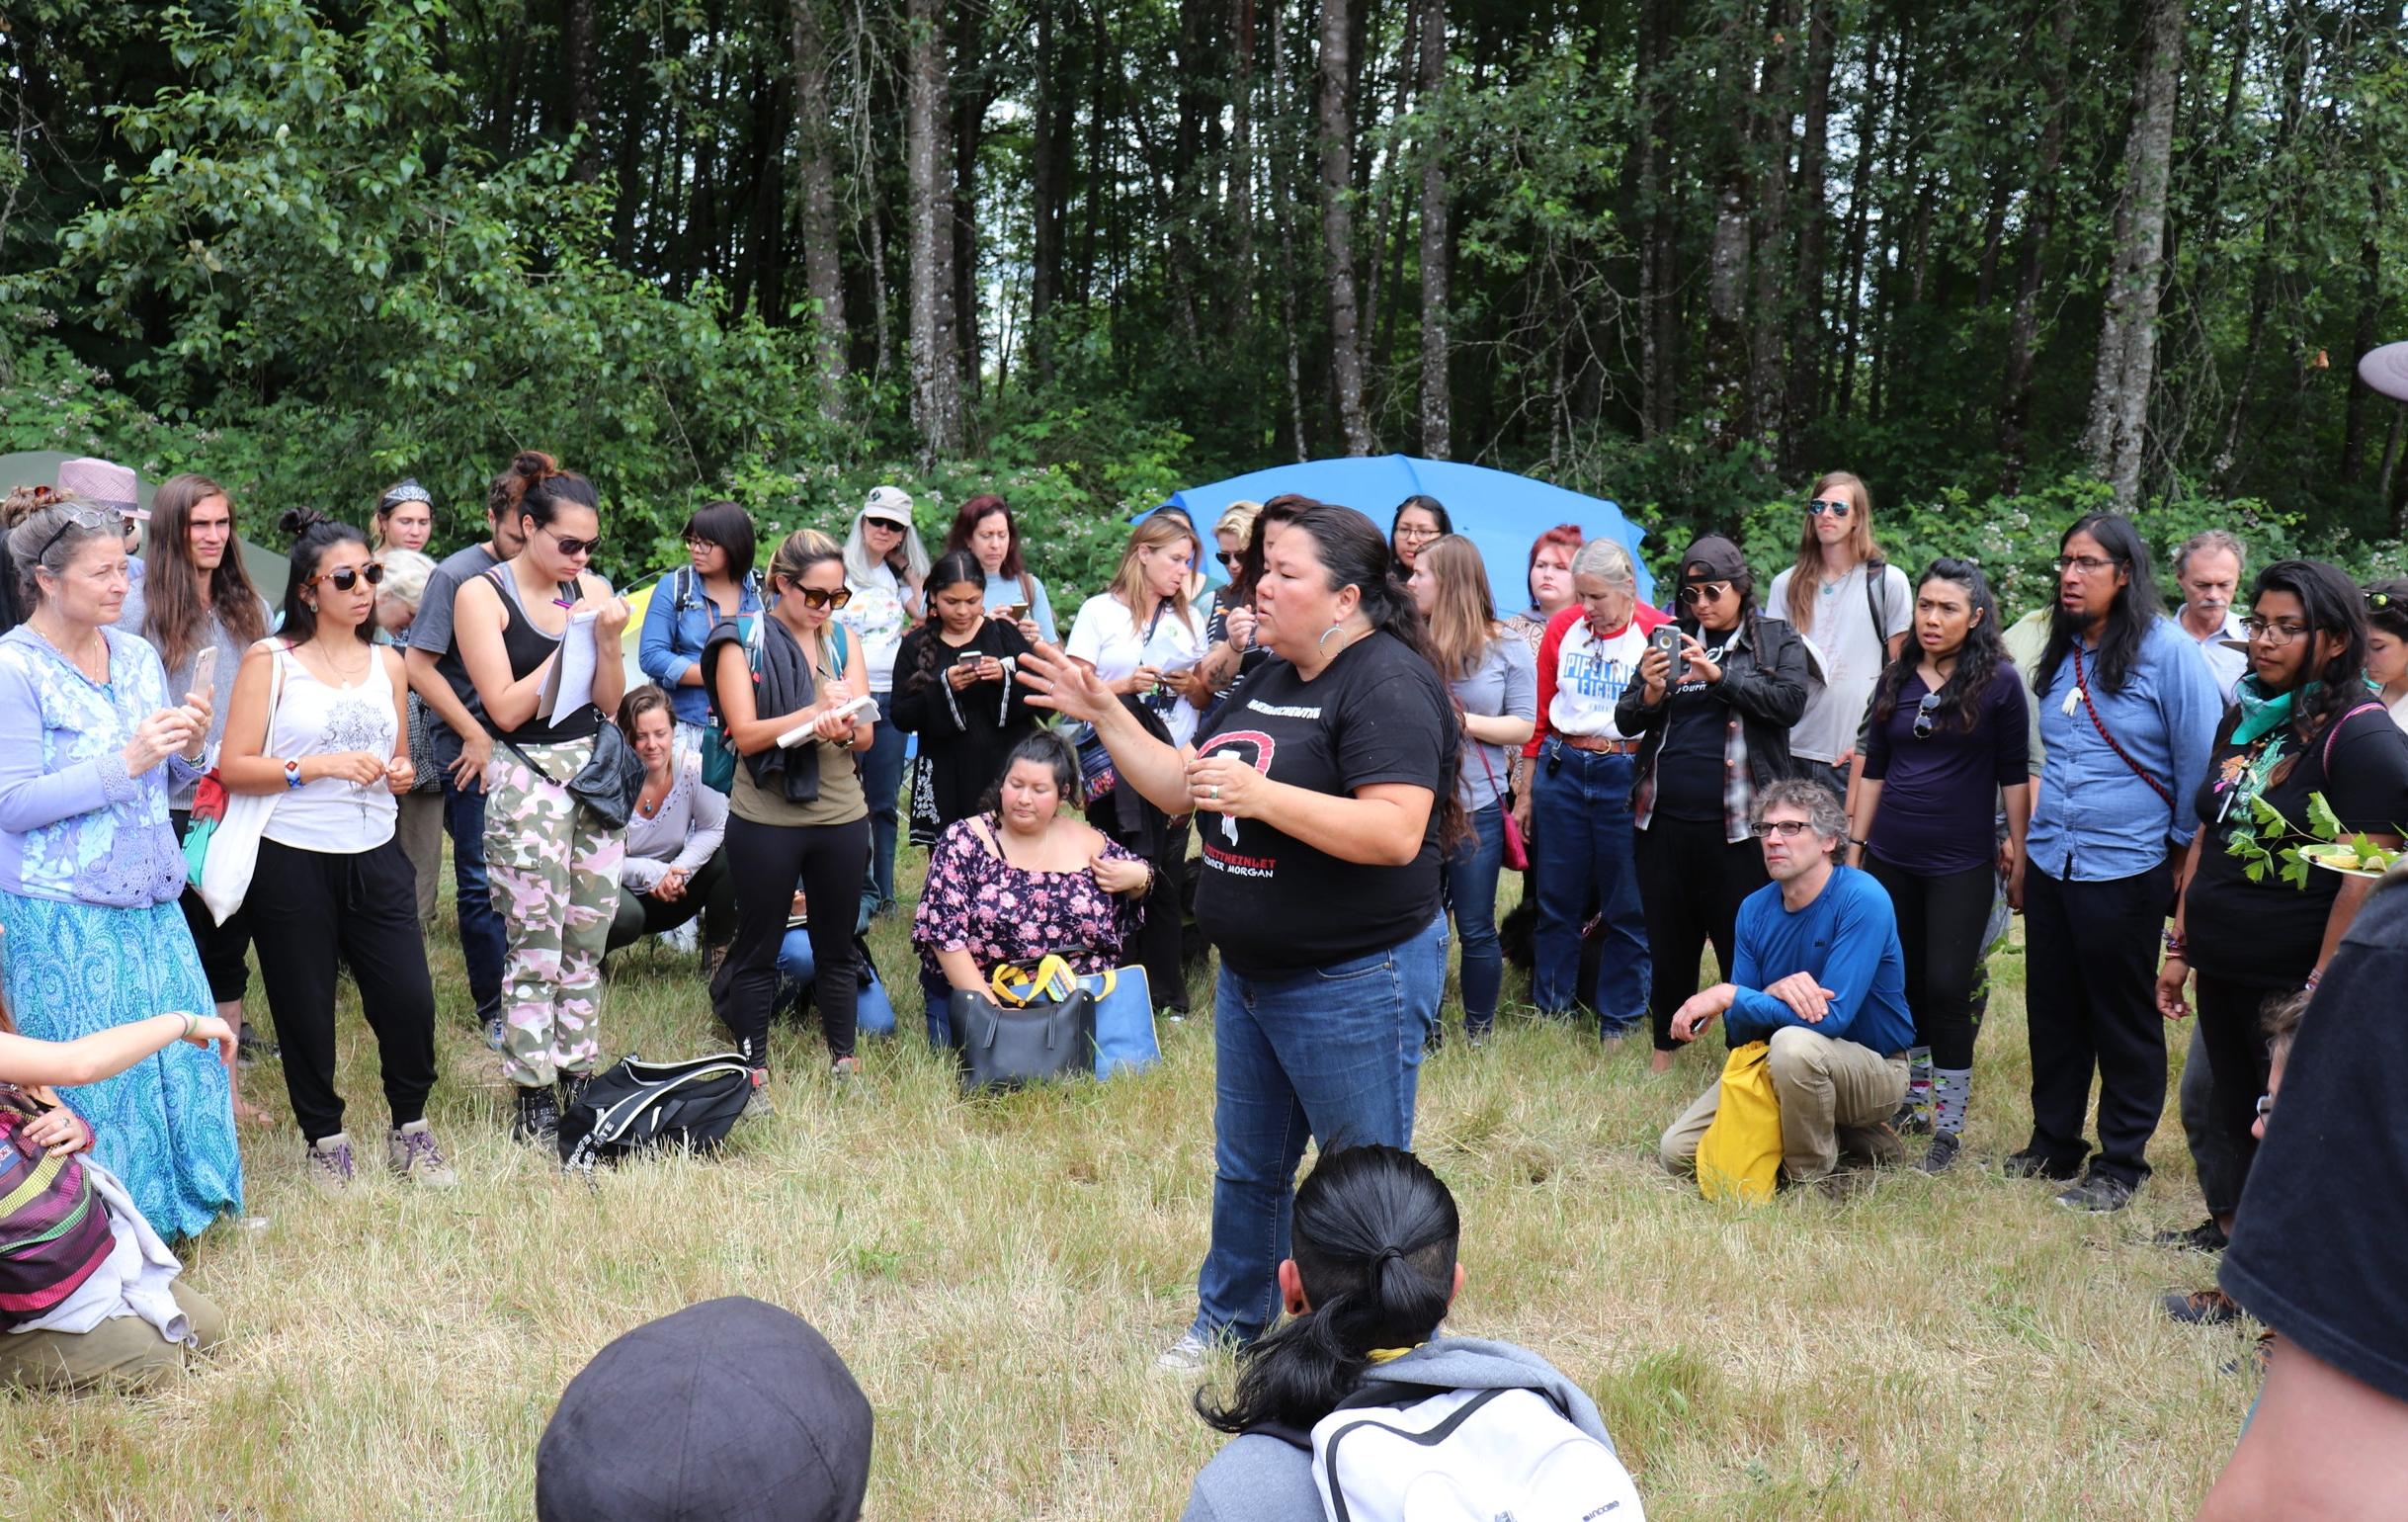 Plant walk with ethnobotanist Linda Black Elk.